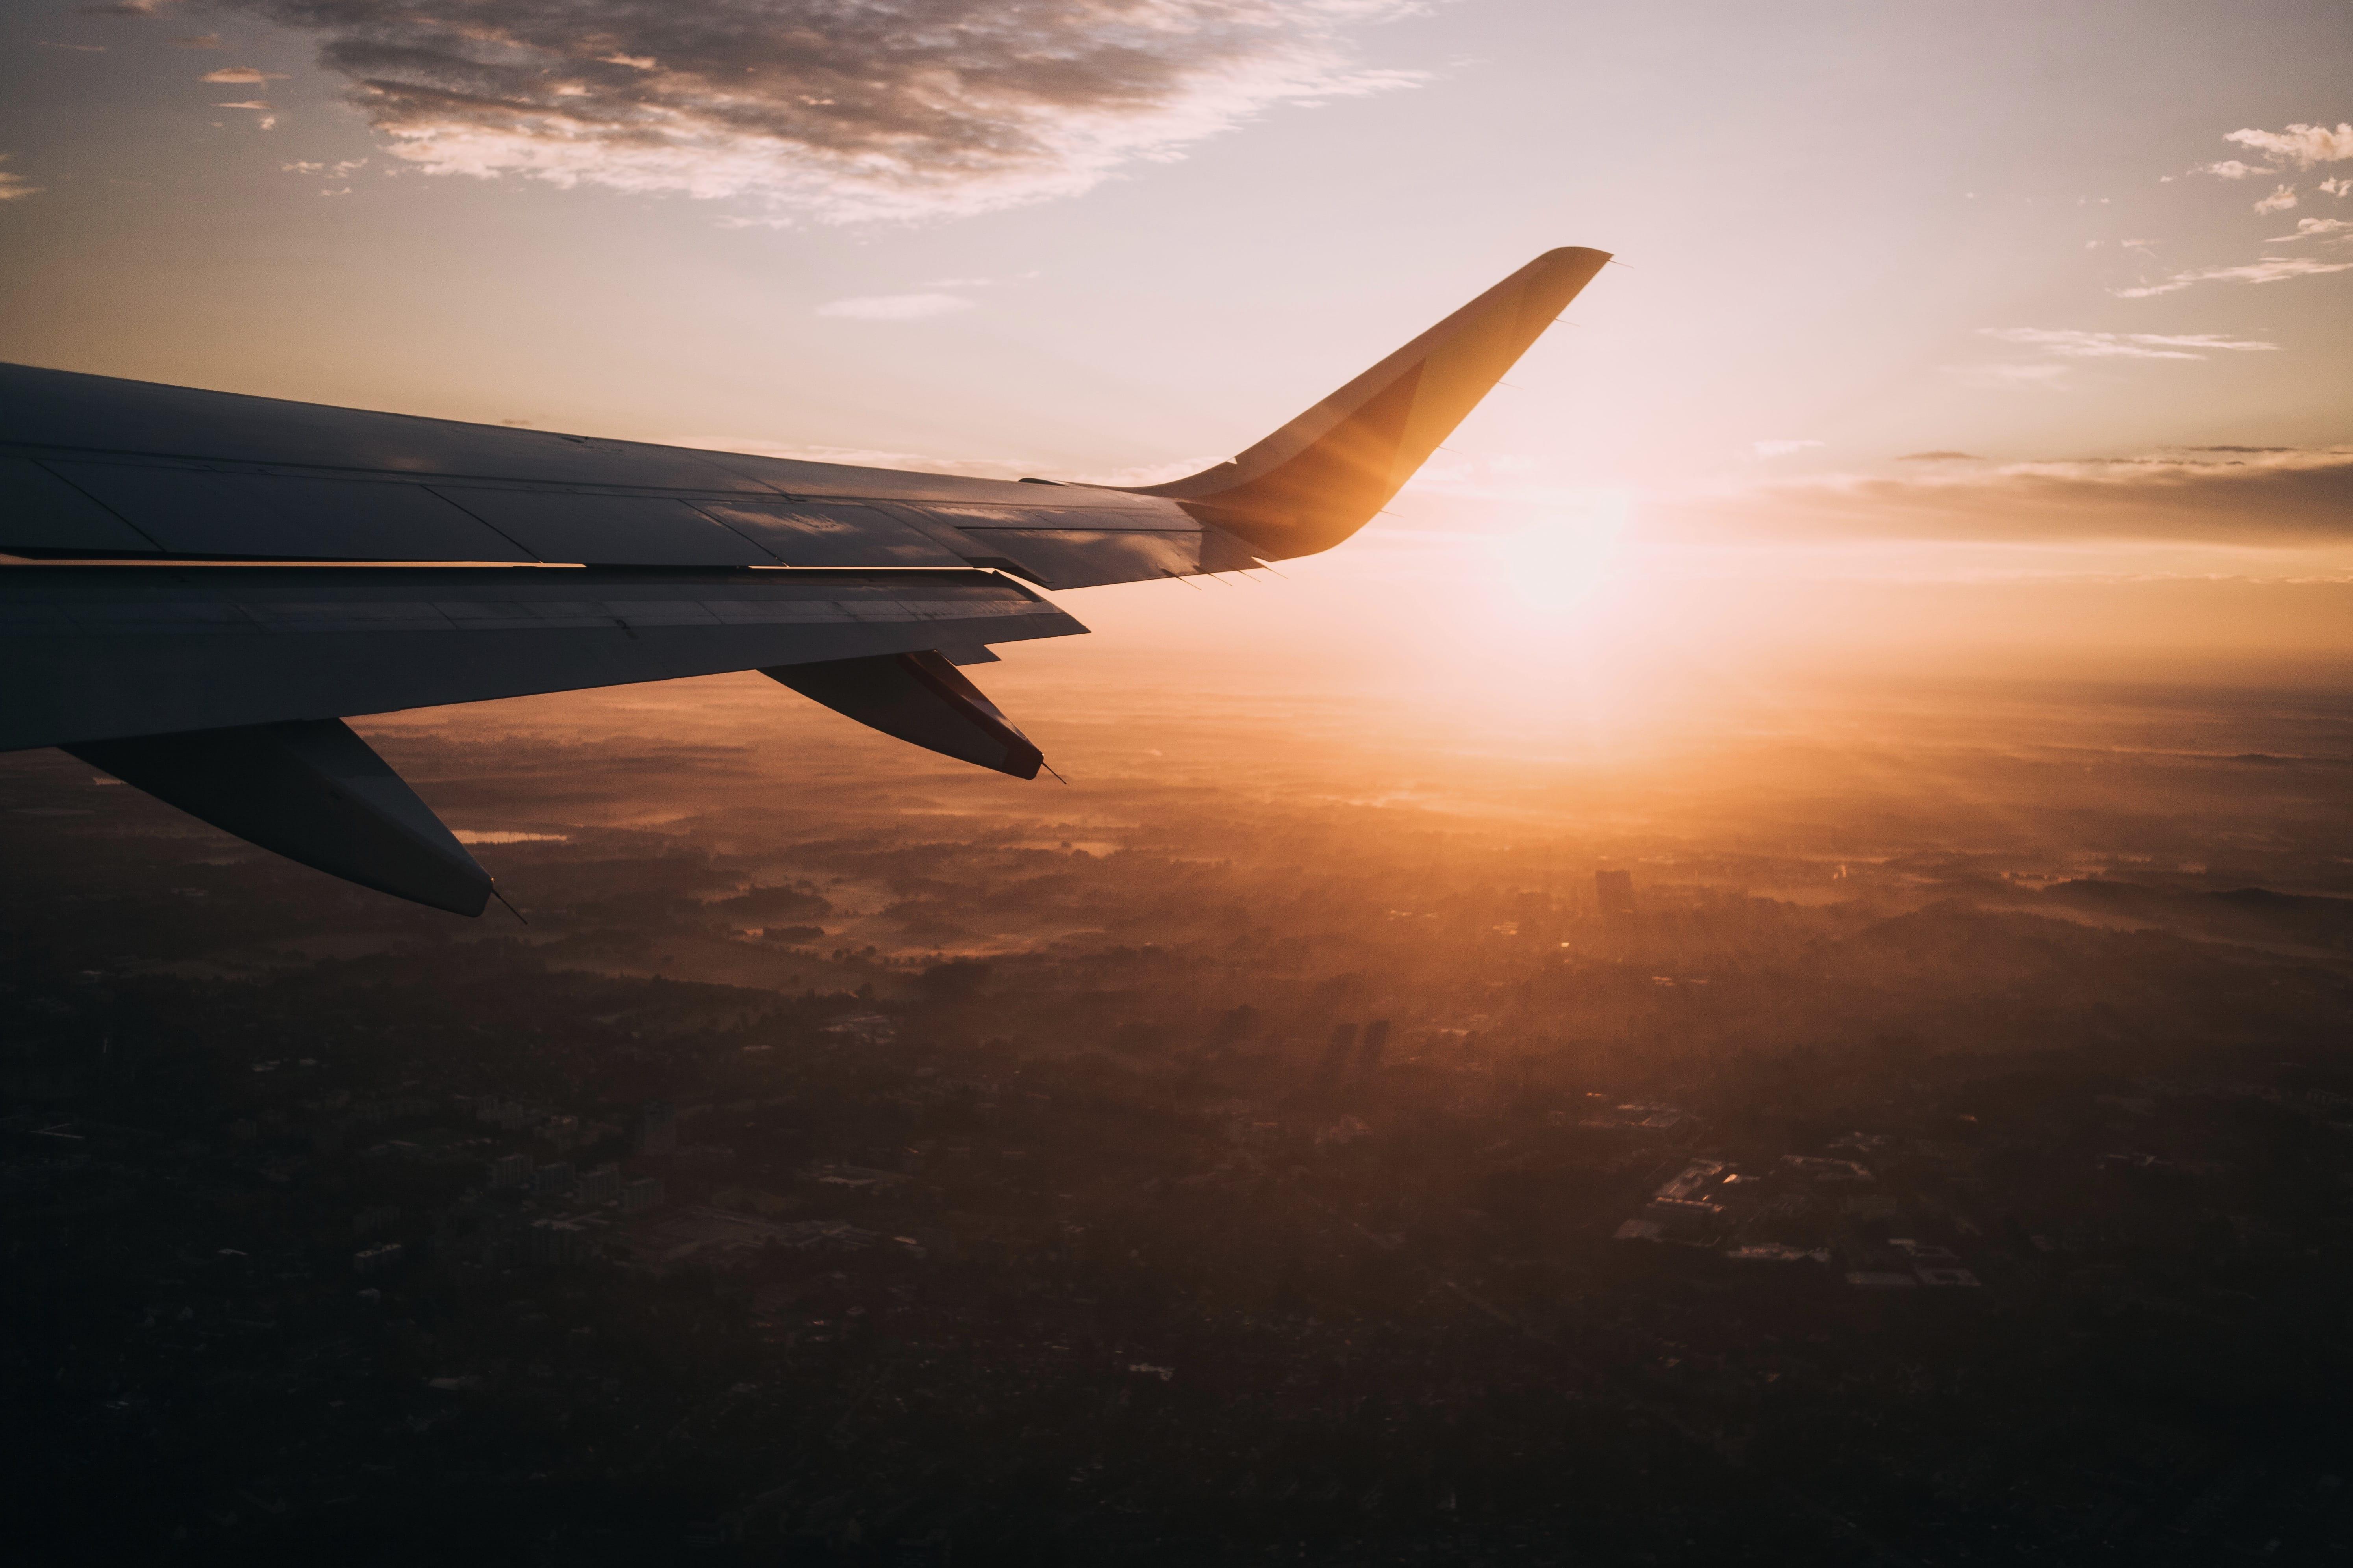 初めての海外一人旅におすすめの国 6つ【実体験を語る】